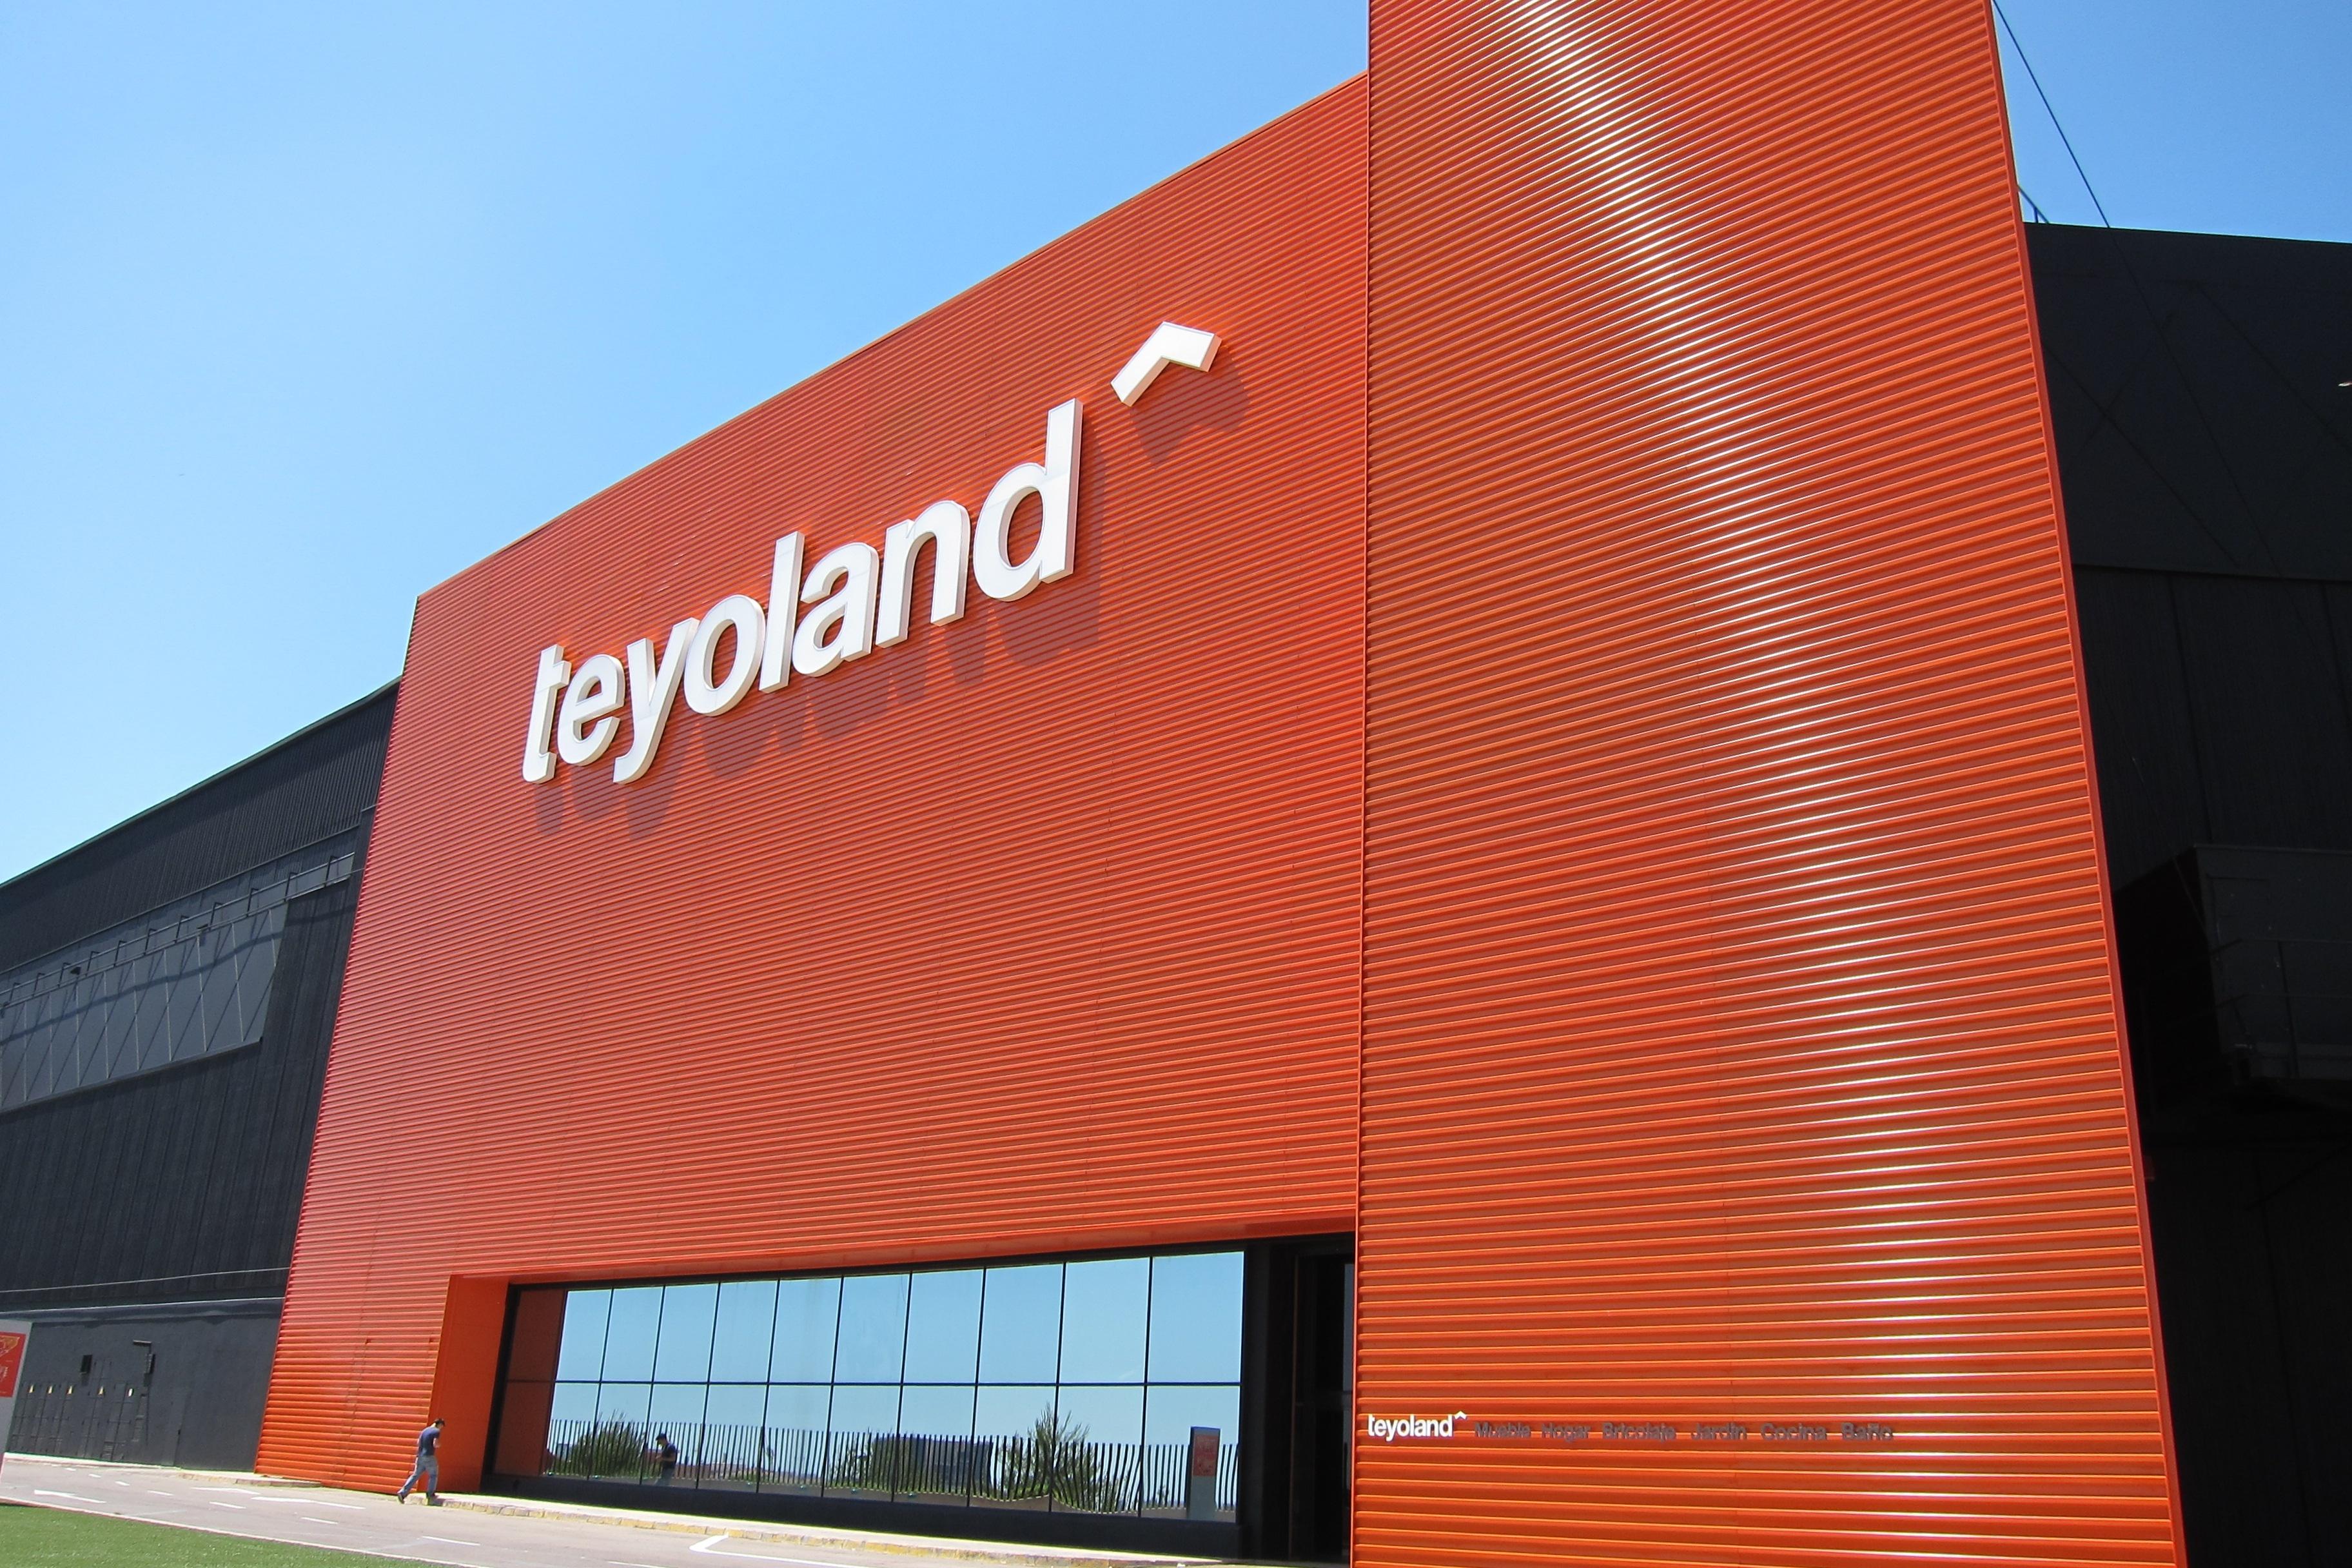 Teyoland prevé recibir 12.000 visitas diarias este mes y sumar un millón en un año con su apuesta por el »made in Spain»